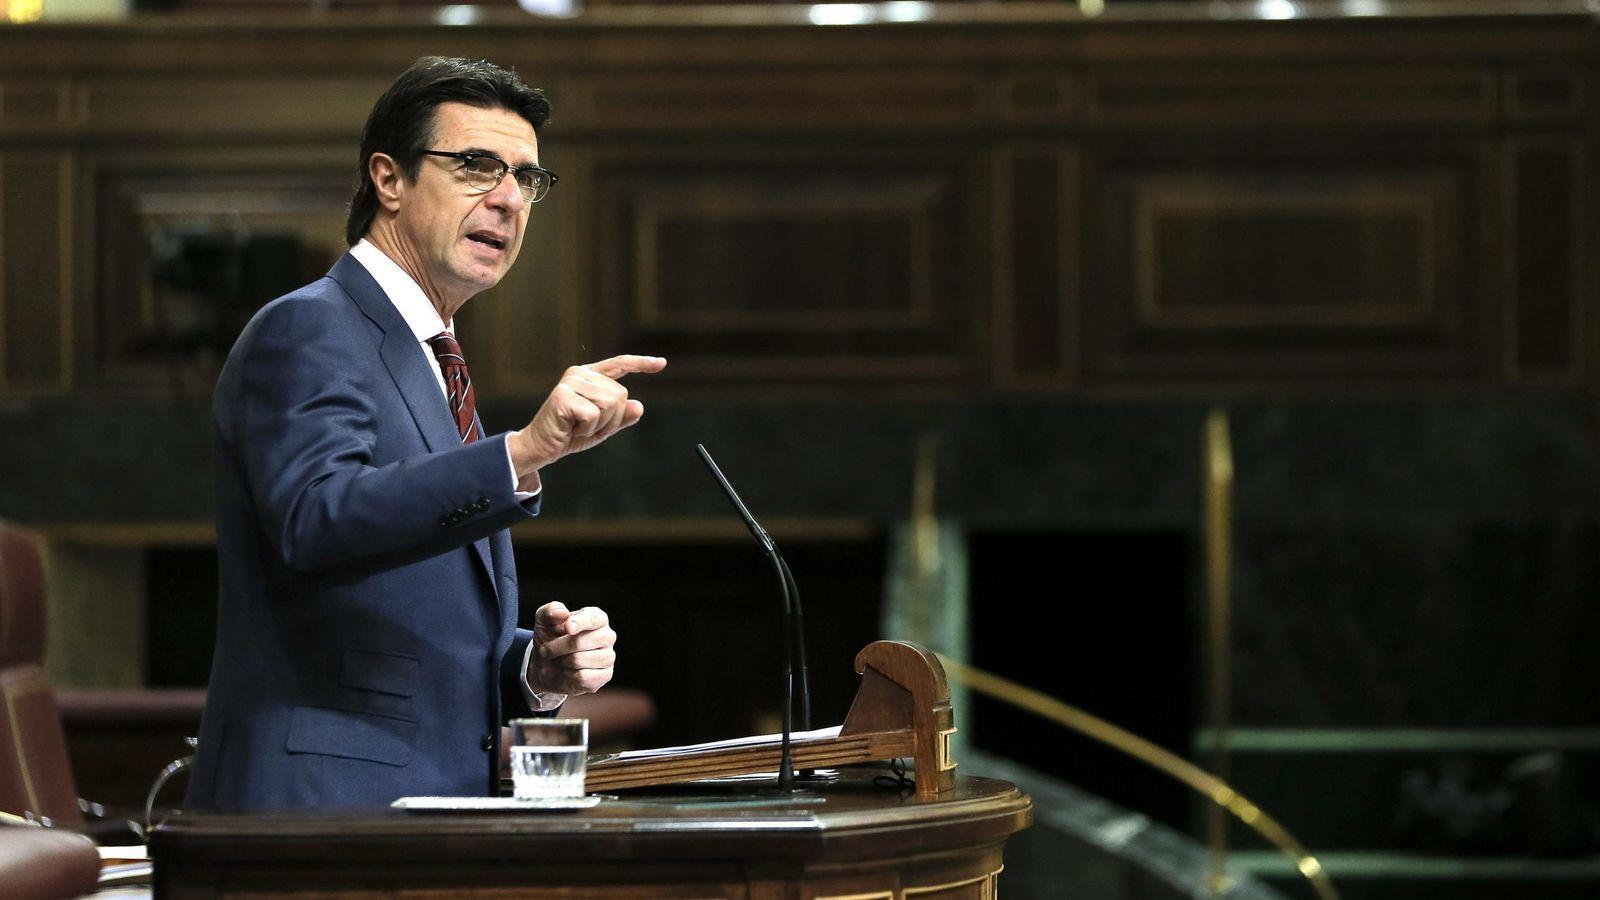 Foto: El ministro de Industria, José Manuel Soria, en el pleno del Congreso. EFE